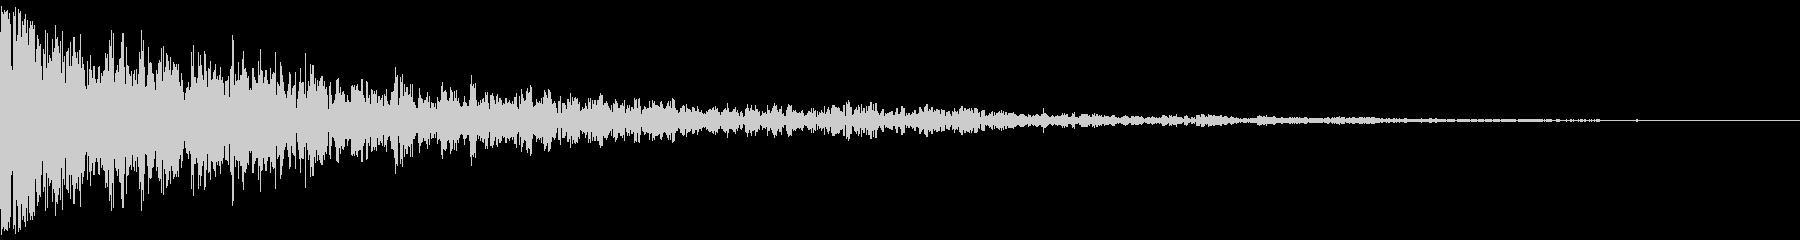 ドーン:金属の音が入っているインパクト音の未再生の波形